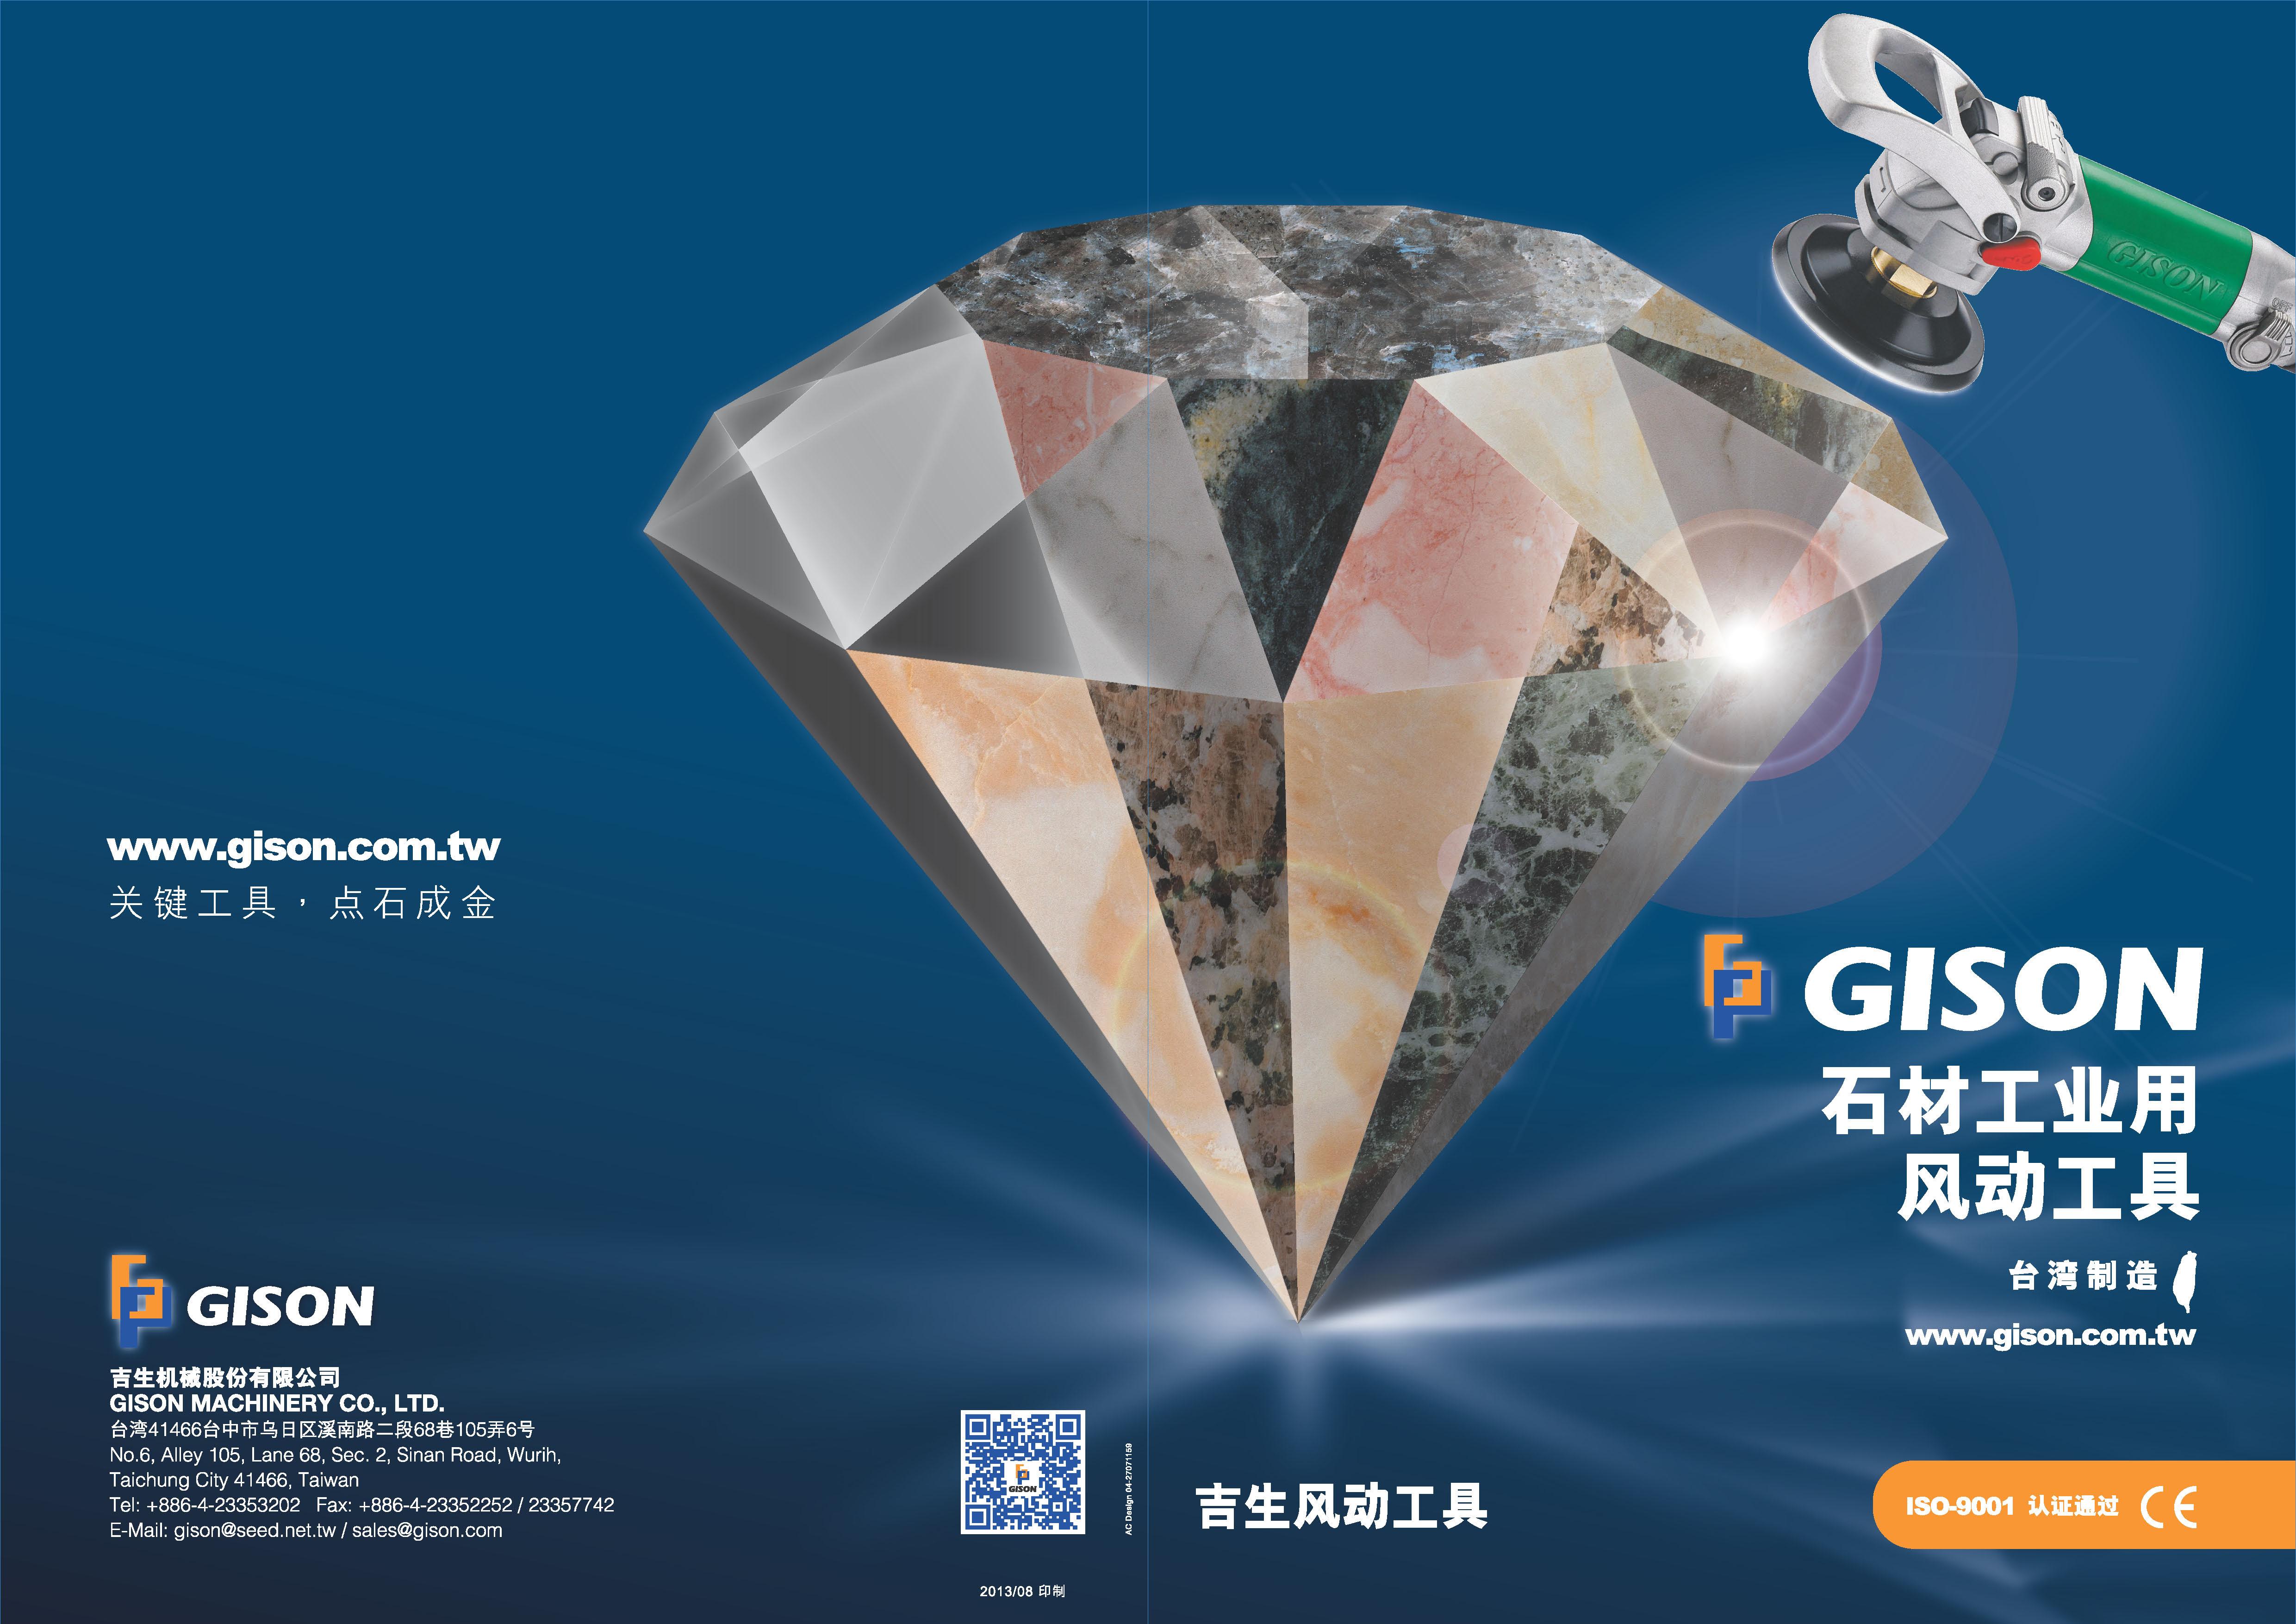 2013-2014 吉生GISON石材用氣動工具產品目錄 - 2013-2014 吉生GISON石材用氣動工具目錄